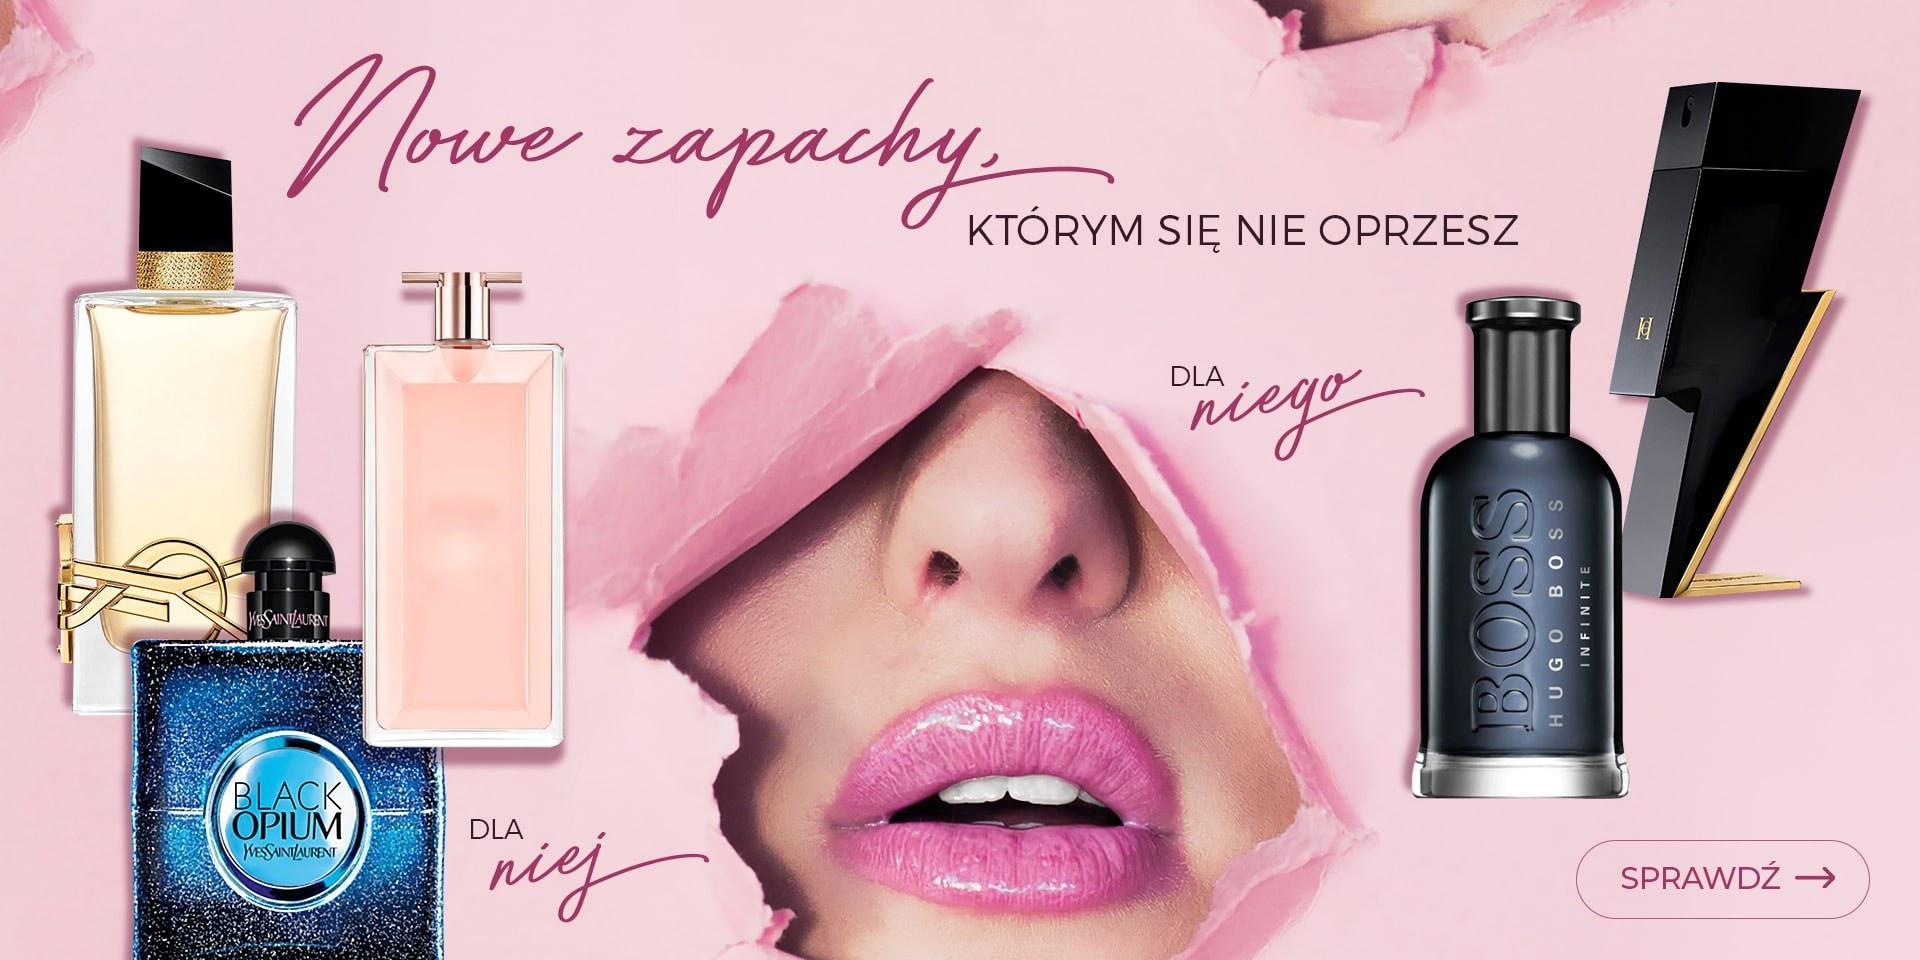 Nowe zapachy!